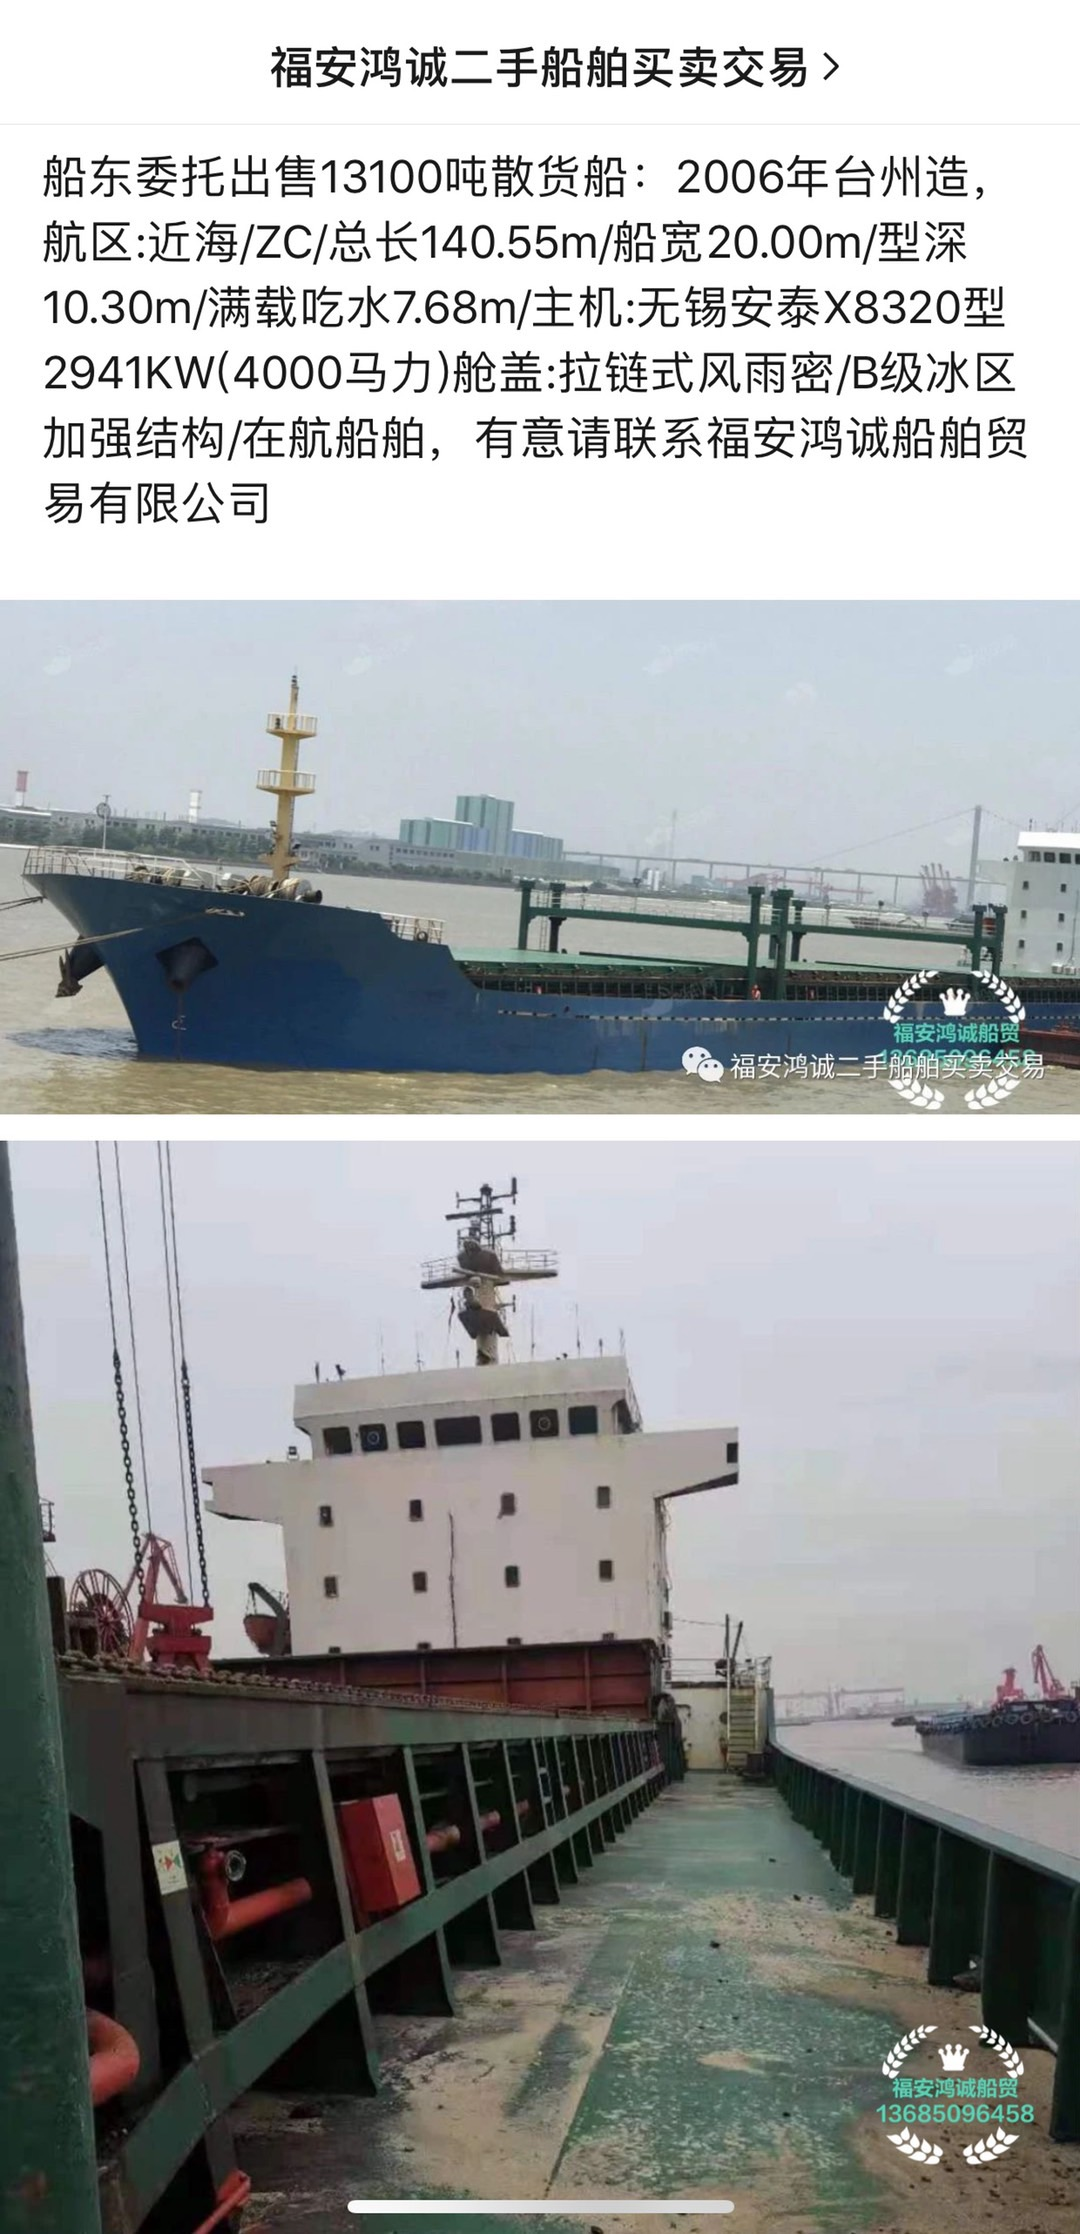 出售13100吨散货船